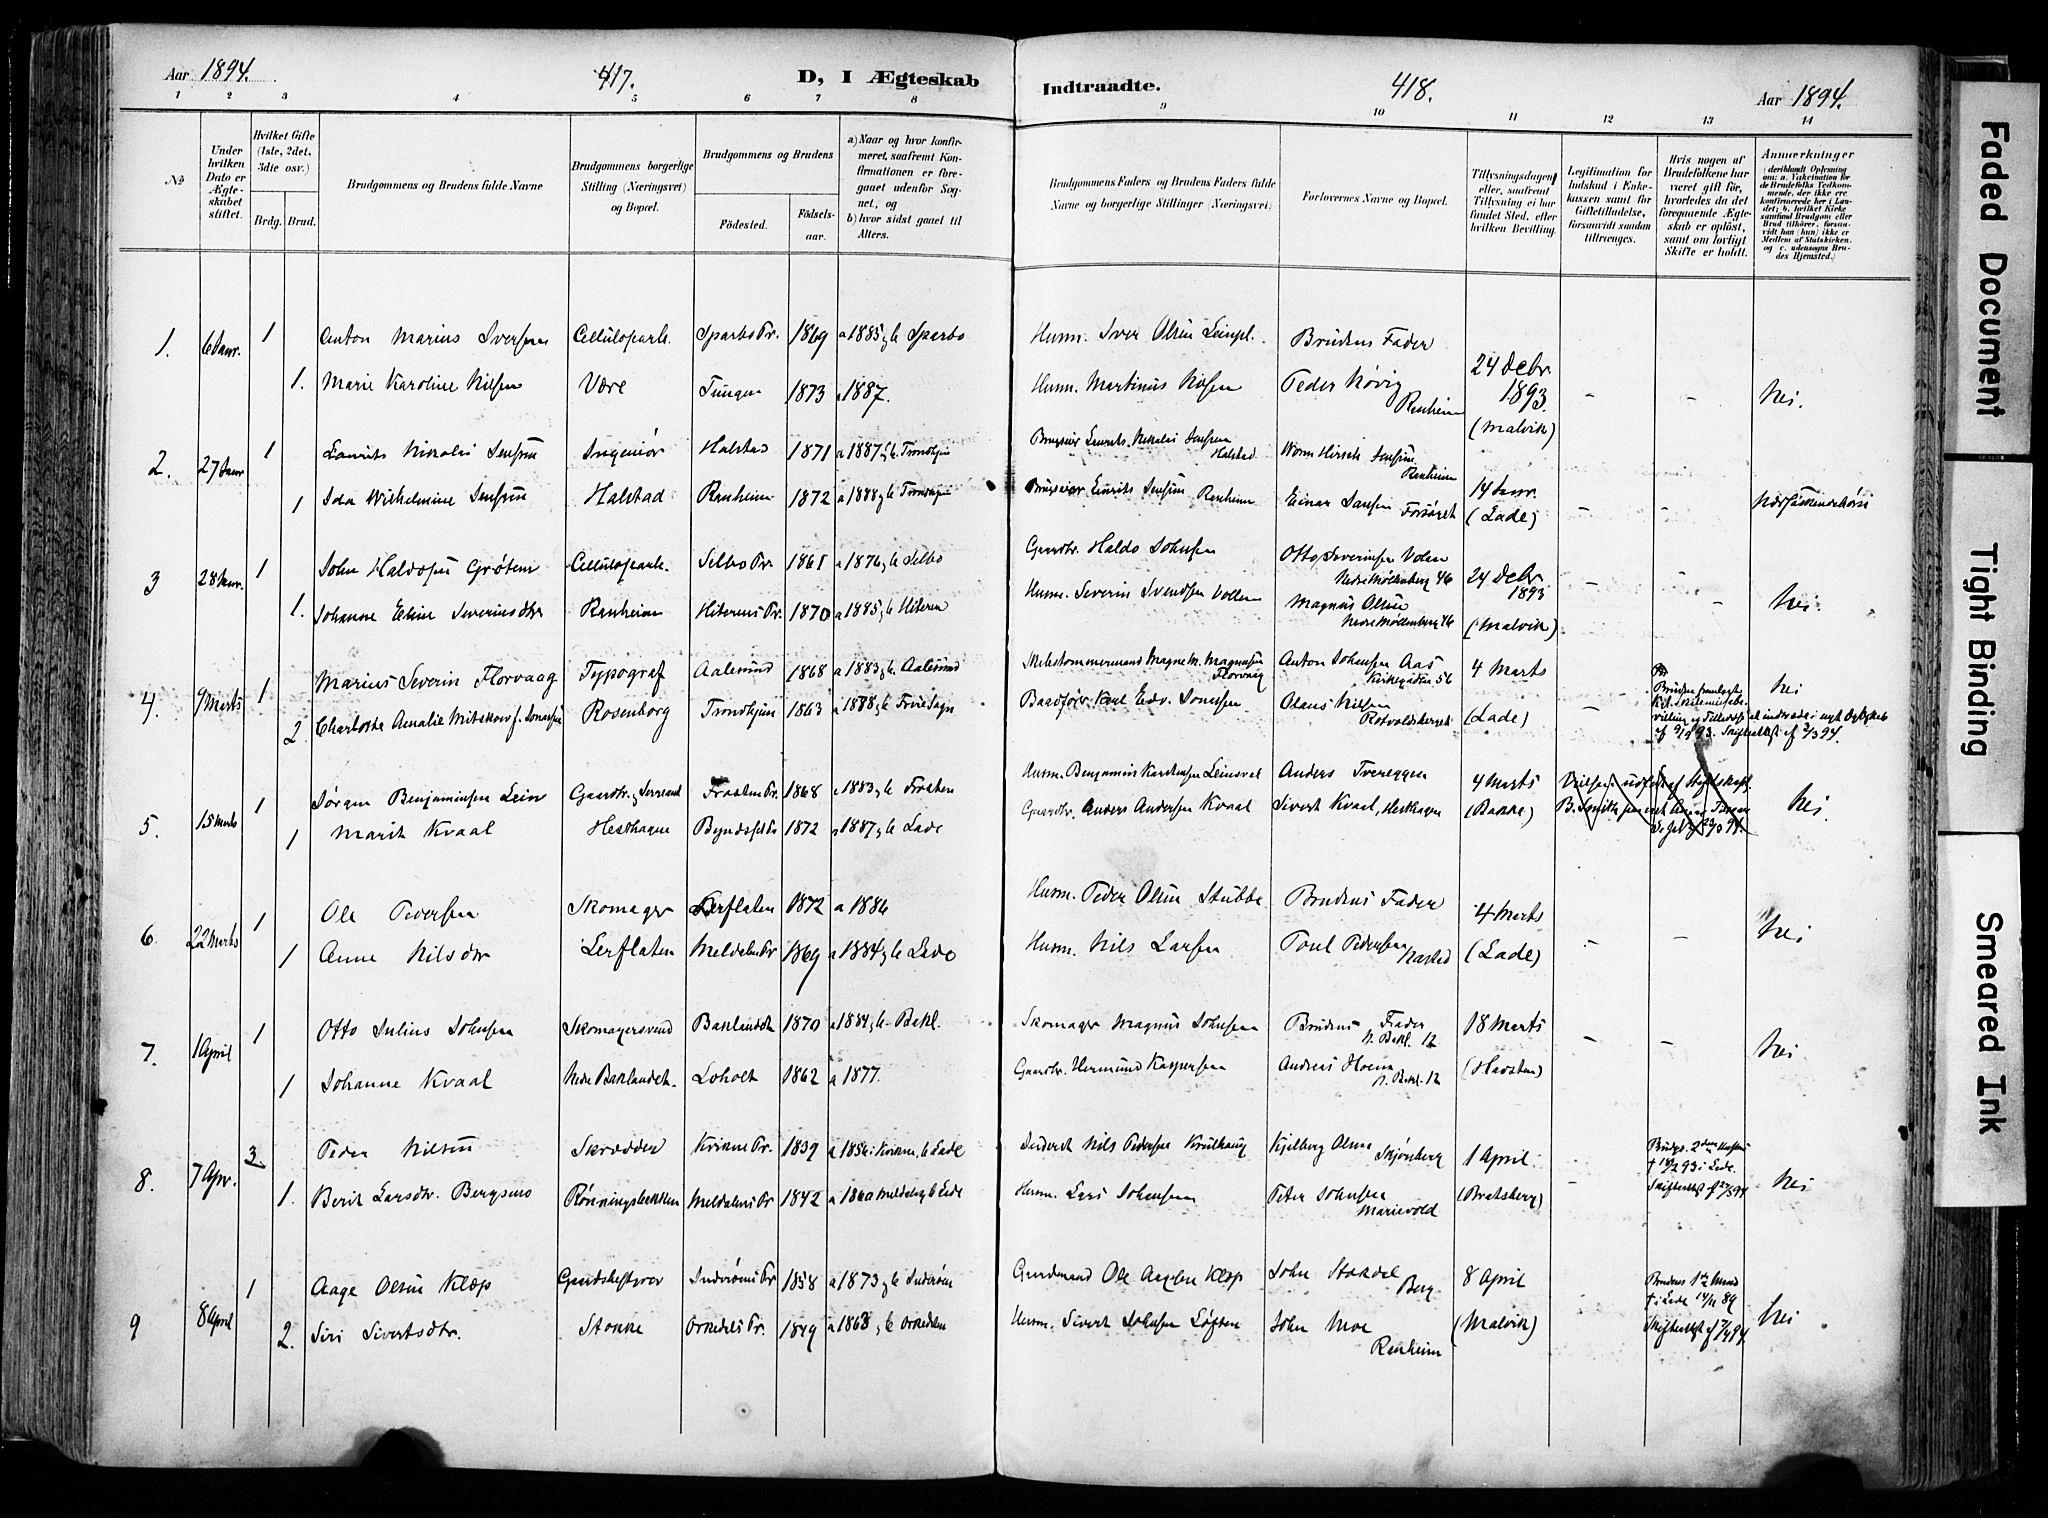 SAT, Ministerialprotokoller, klokkerbøker og fødselsregistre - Sør-Trøndelag, 606/L0301: Ministerialbok nr. 606A16, 1894-1907, s. 417-418